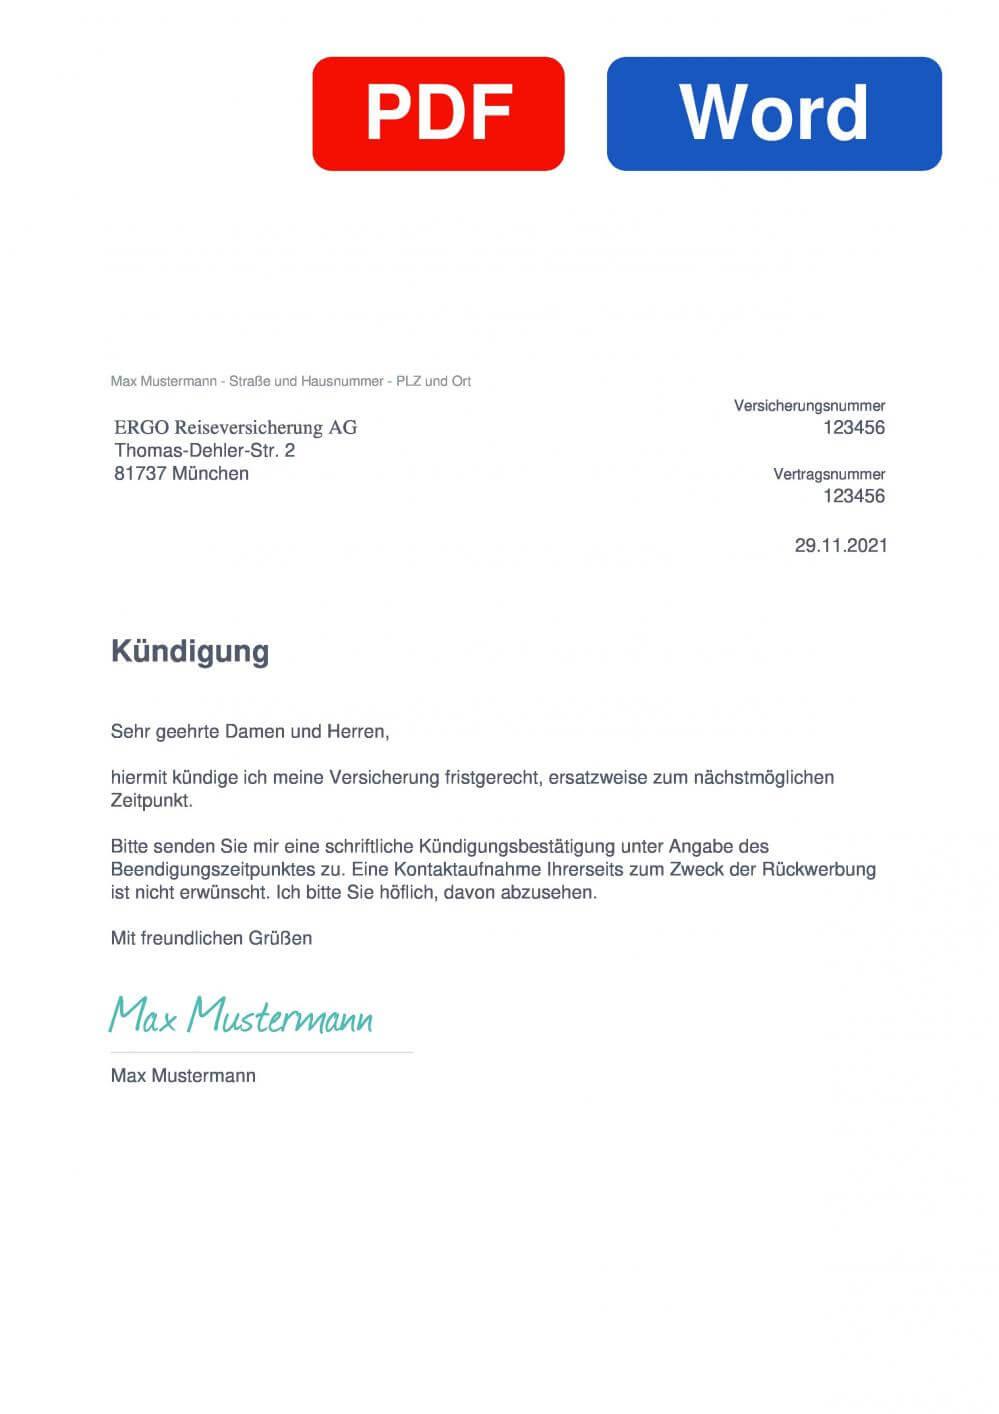 BahnCard Versicherung Muster Vorlage für Kündigungsschreiben